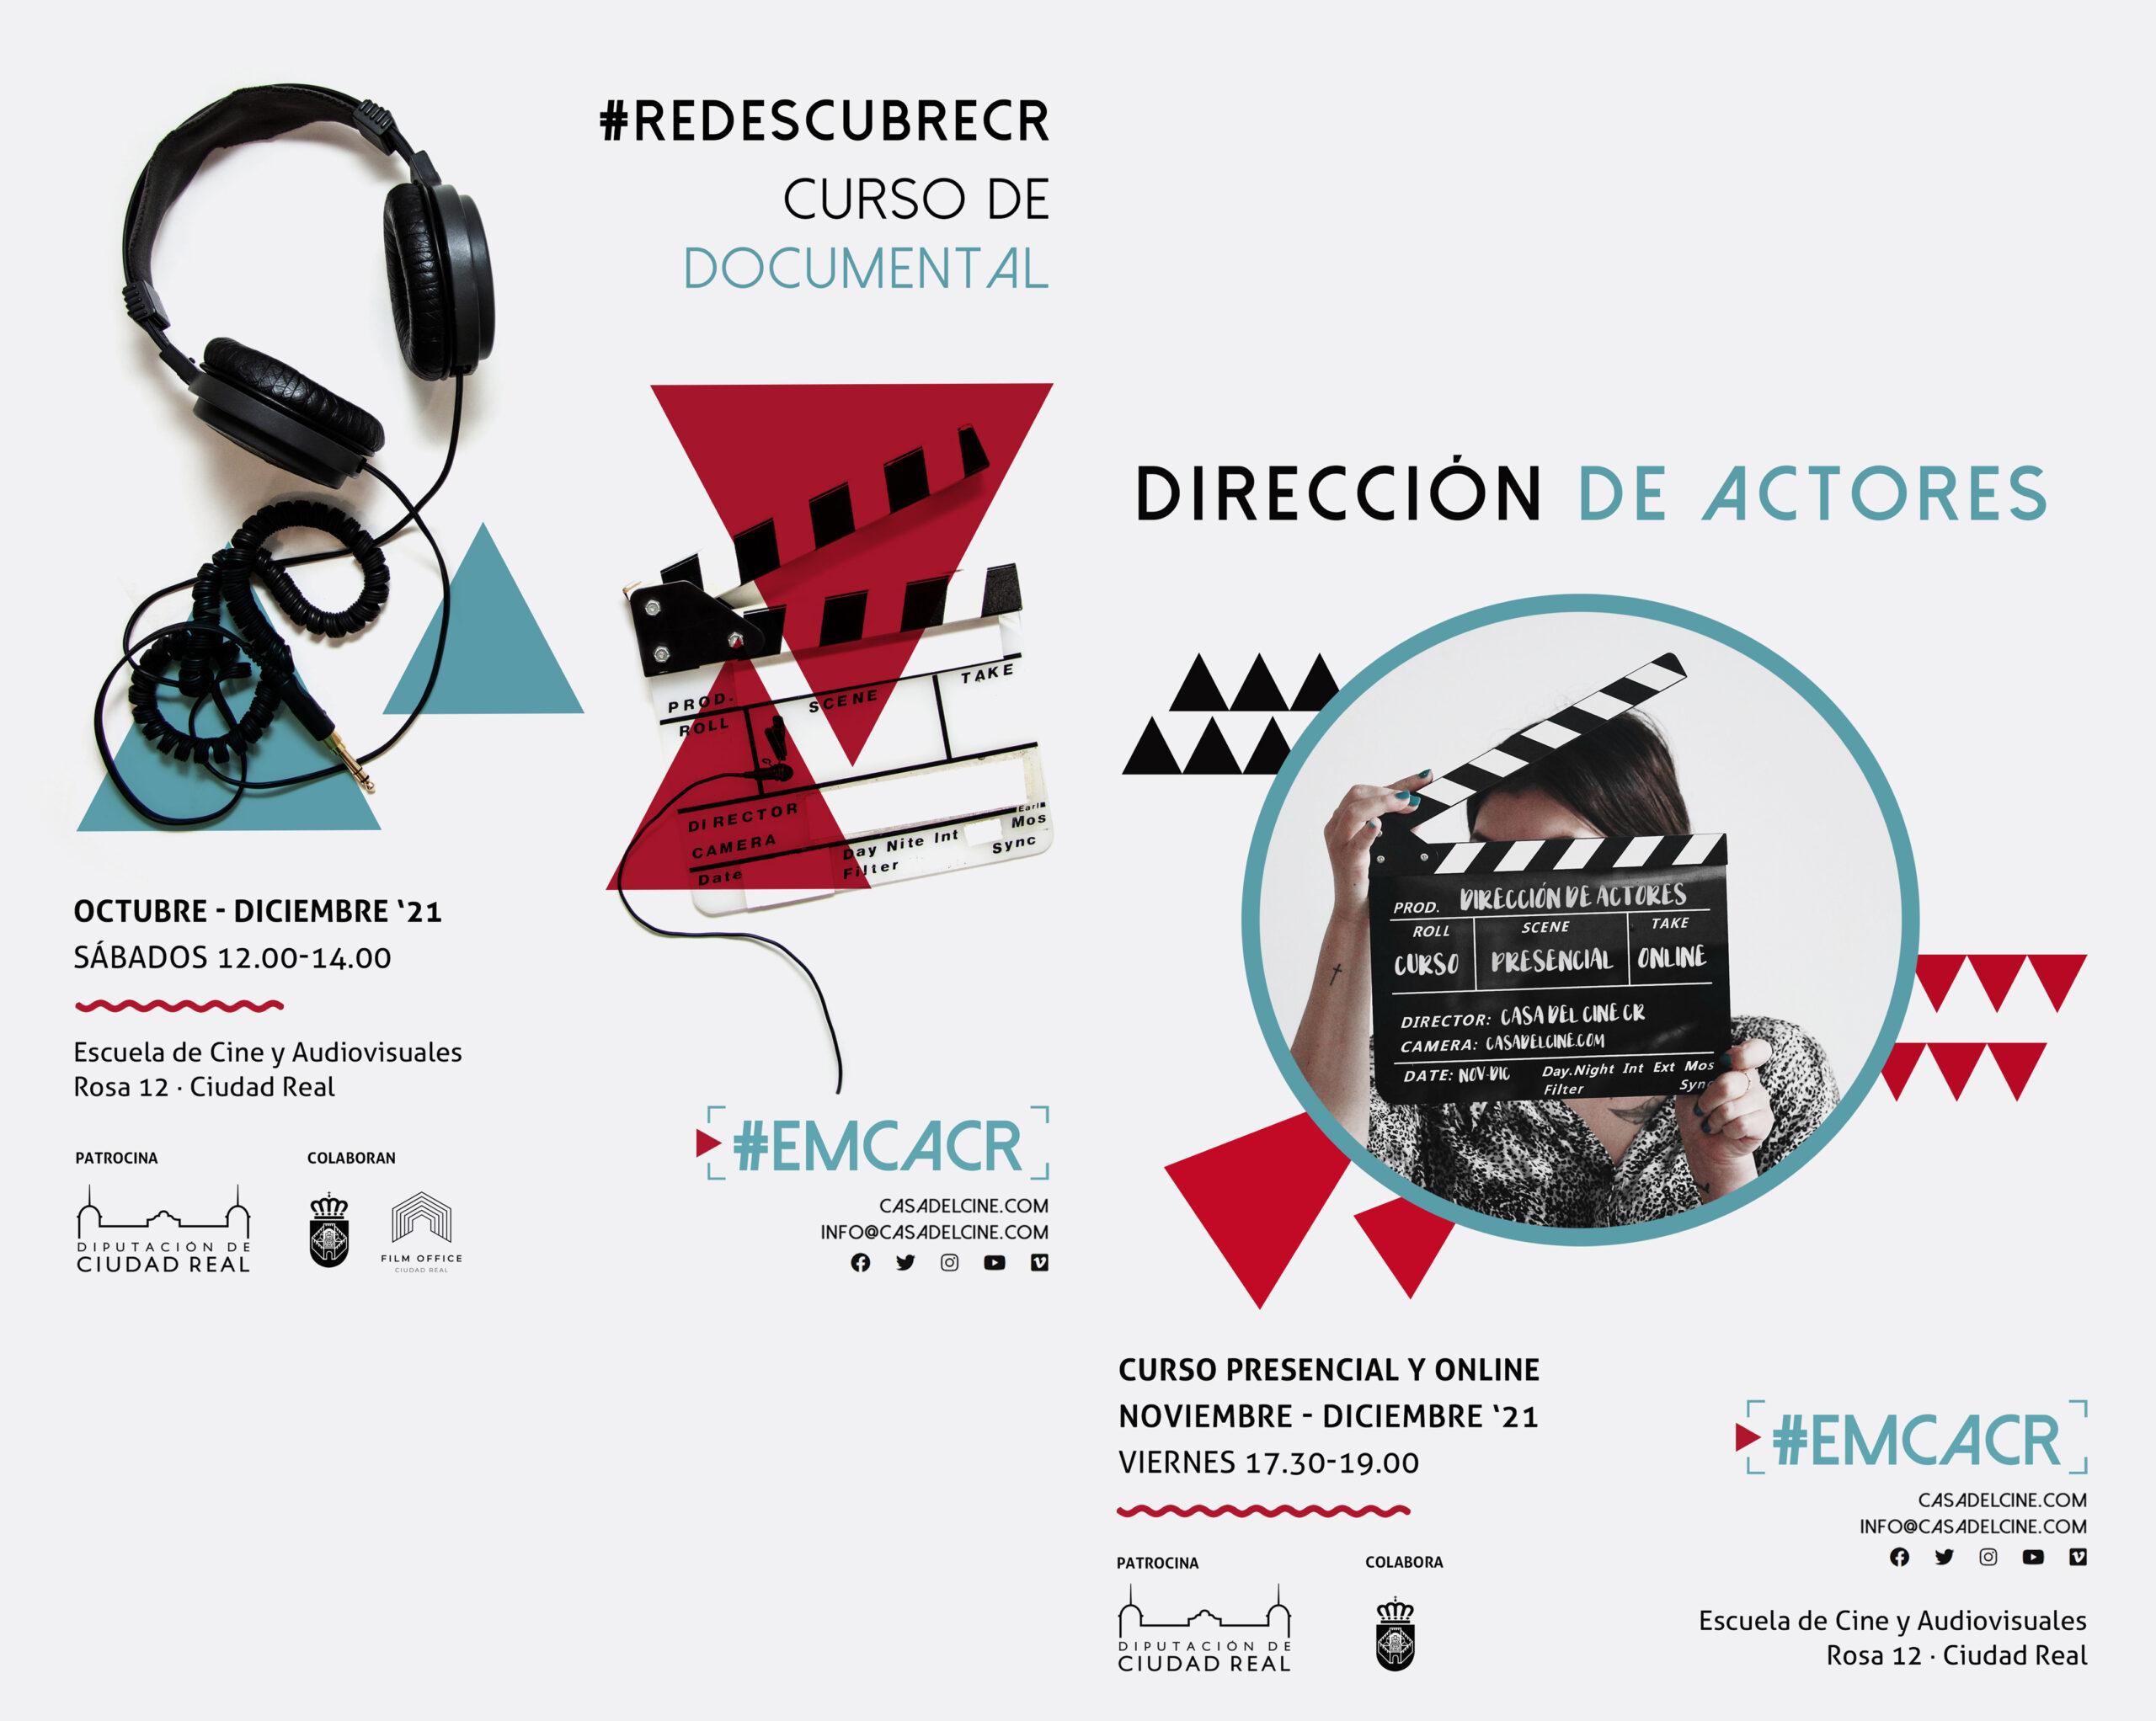 Nuevos Cursos ~ Documental y Dirección de Actores